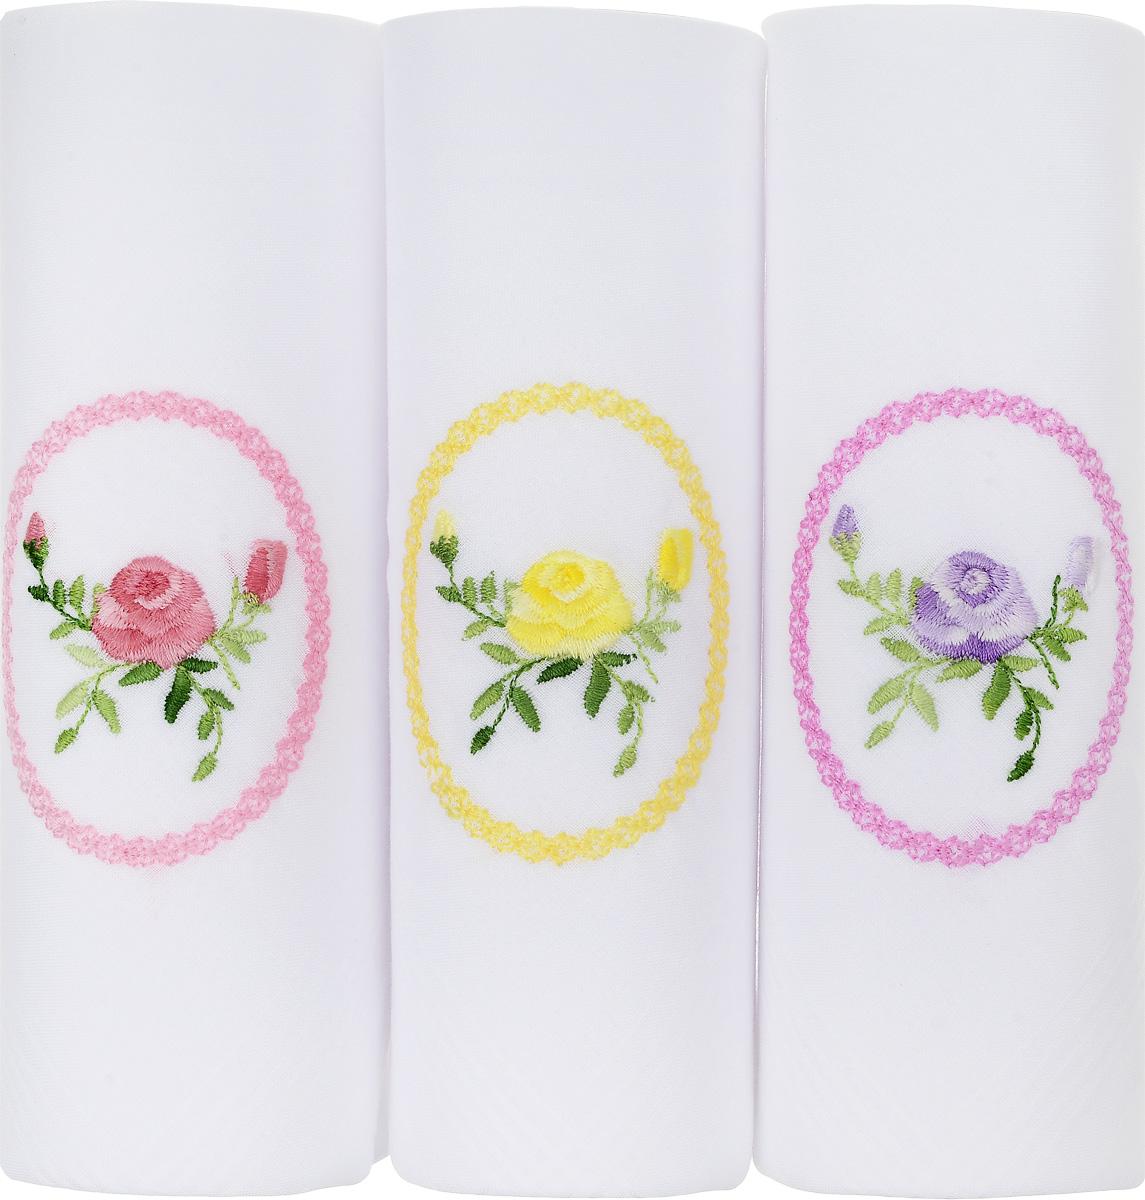 Платок носовой женский Zlata Korunka, цвет: белый, 3 шт. 06601-8. Размер 30 см х 30 см06601-8Небольшой женский носовой платок Zlata Korunka изготовлен из высококачественного натурального хлопка, благодаря чему приятен в использовании, хорошо стирается, не садится и отлично впитывает влагу. Практичный и изящный носовой платок будет незаменим в повседневной жизни любого современного человека. Такой платок послужит стильным аксессуаром и подчеркнет ваше превосходное чувство вкуса. В комплекте 3 платка.